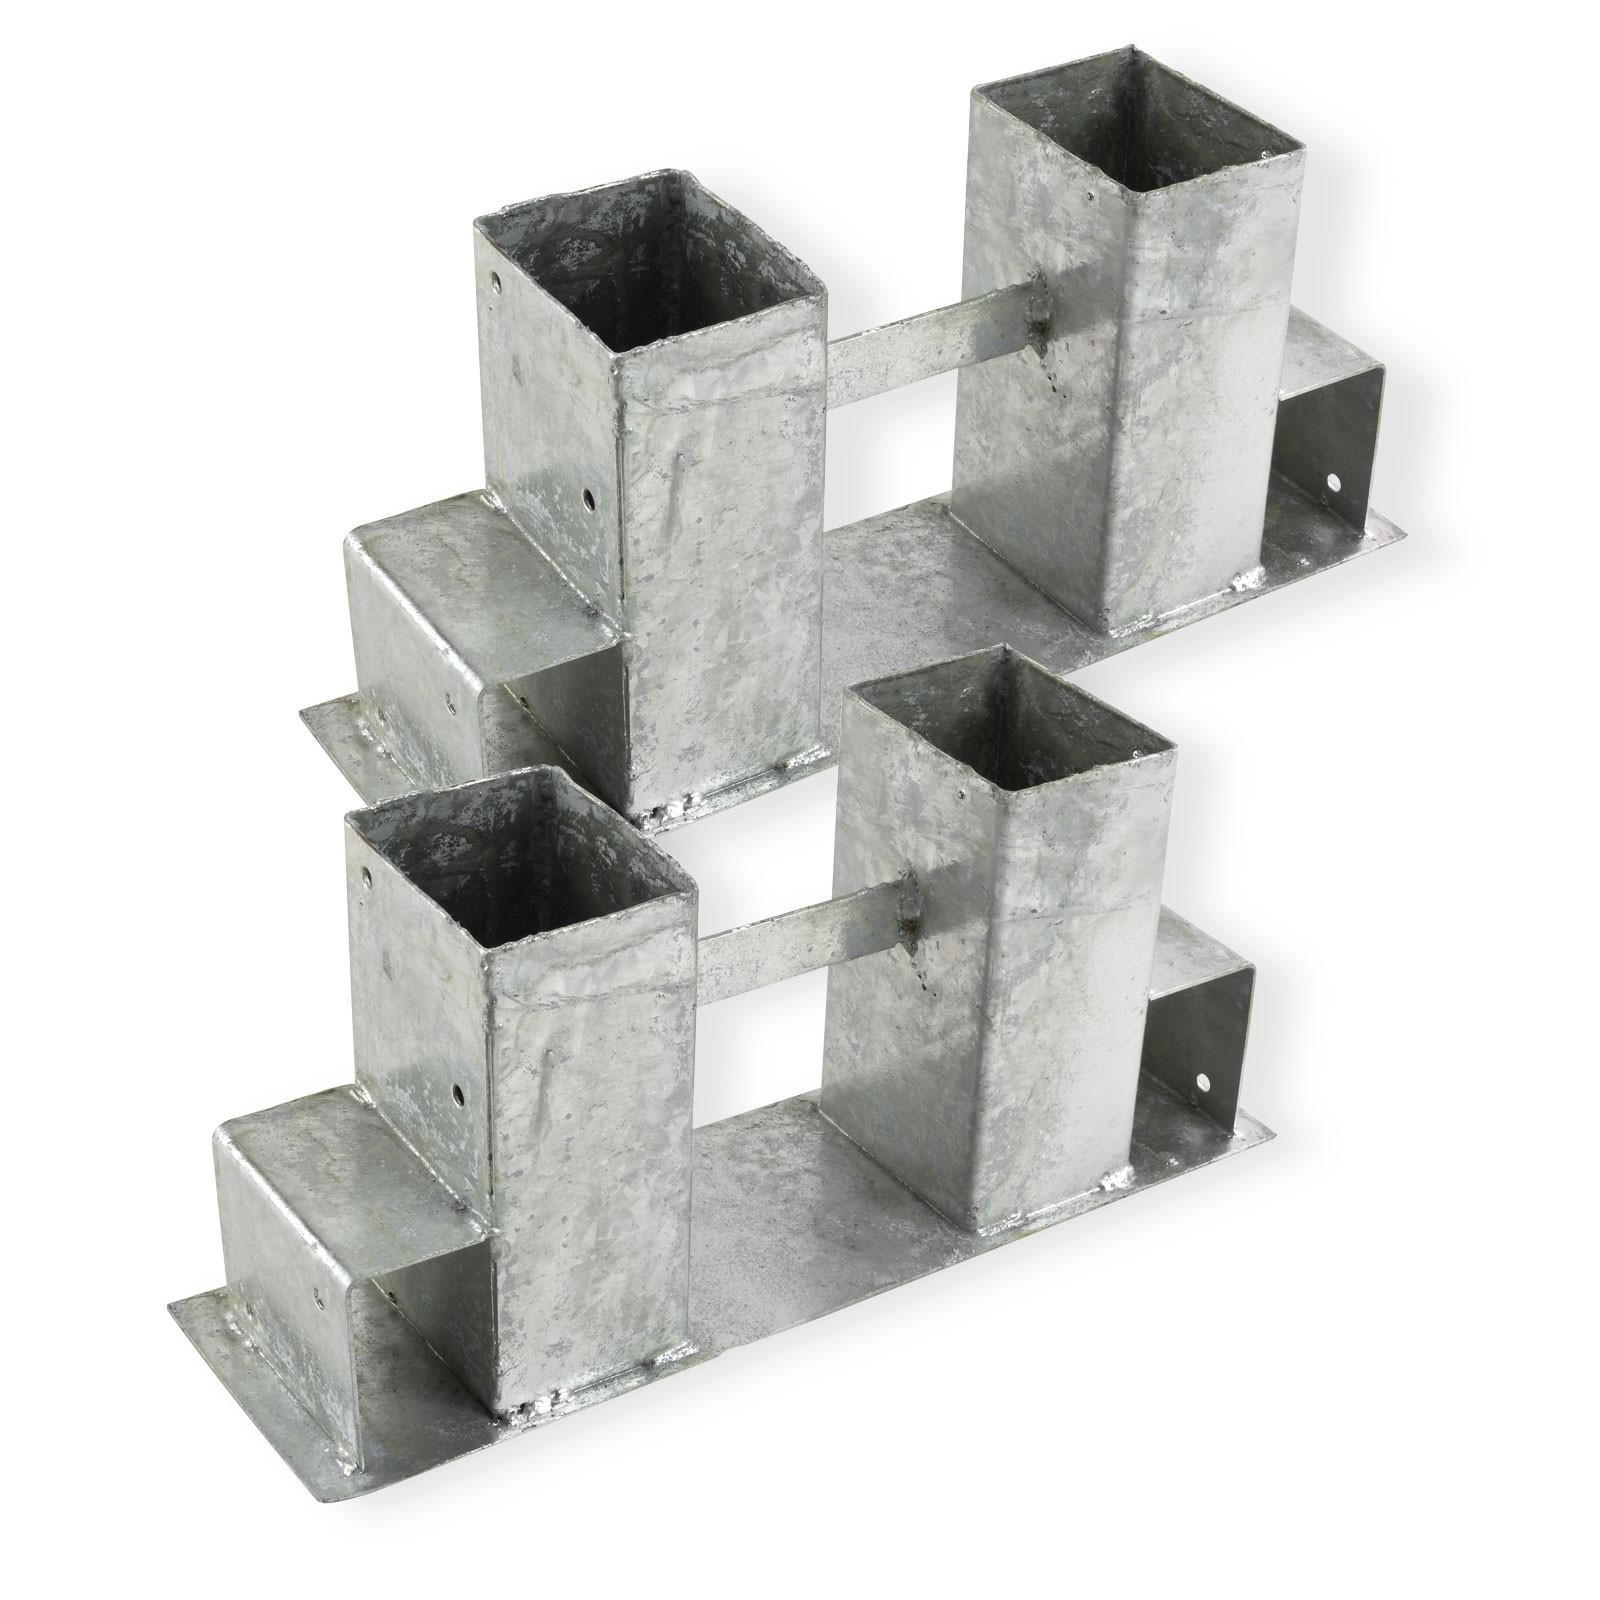 Dema Kaminholzregal Kaminholzständer Brennholzregal Brennholz Stapelhilfe 4er-Set 47061x2